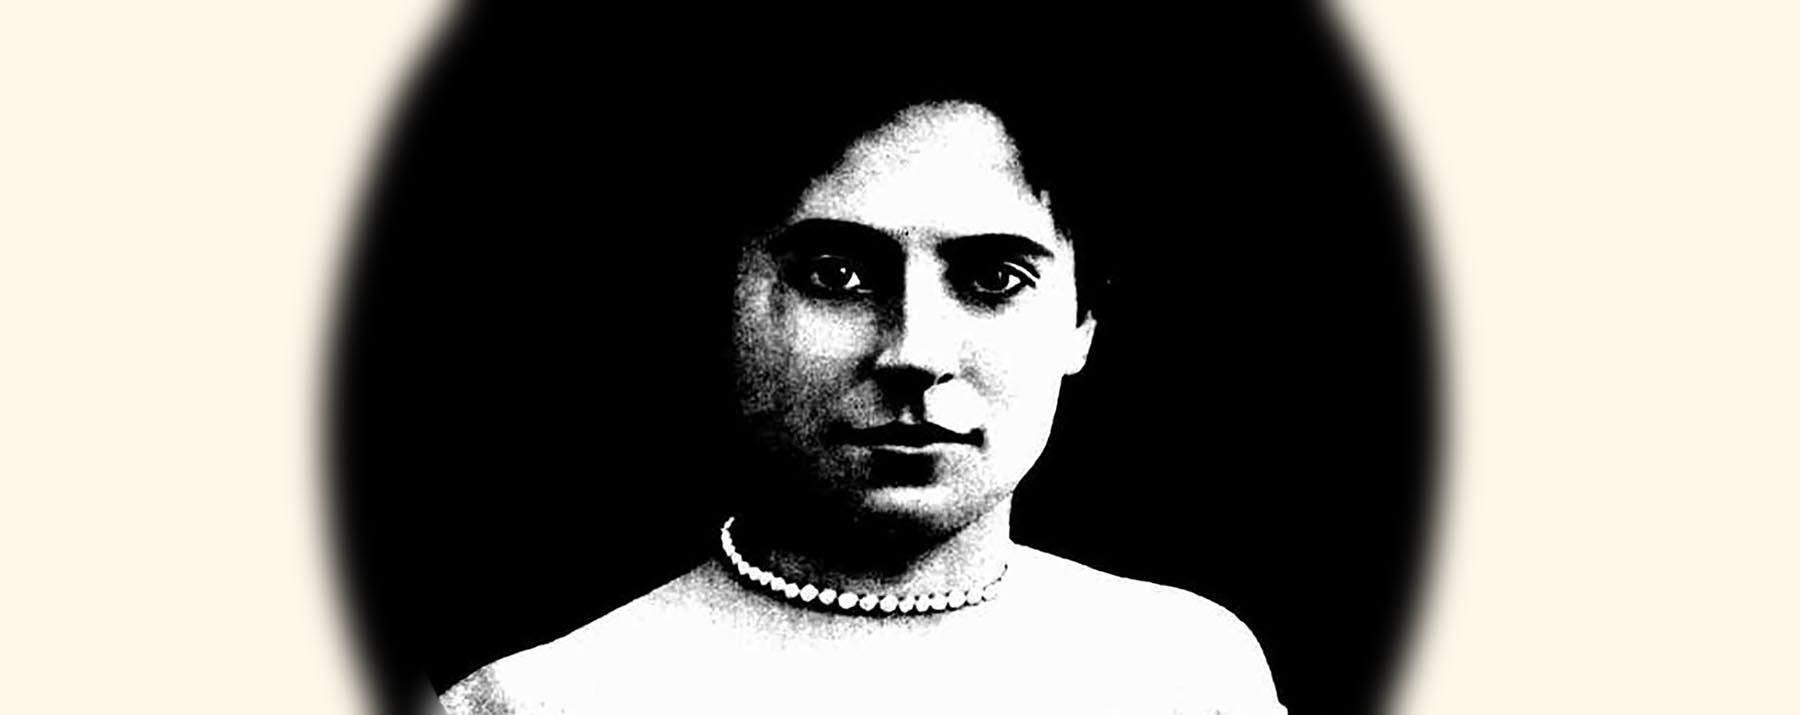 真珠のネックレスを着けたヘレナ・ルビンスタイン